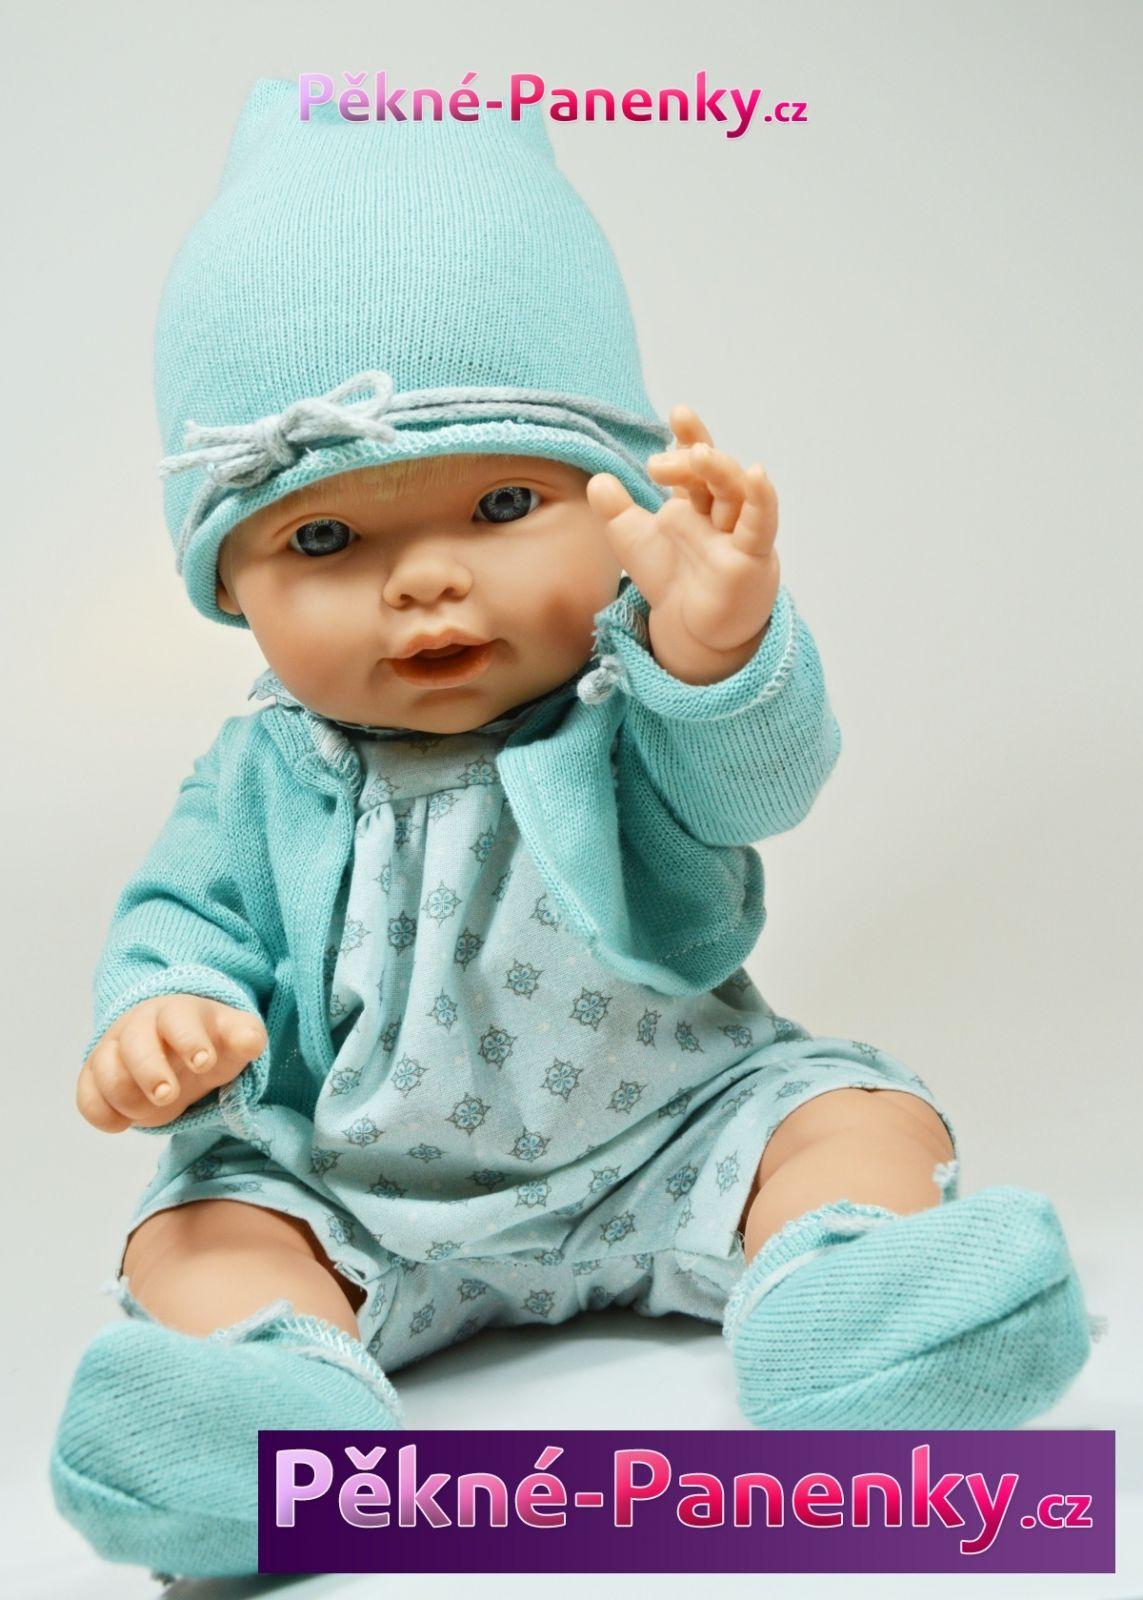 D´nenes realistická panenka, která vypadá jako živá, kvalitní španělská panenka